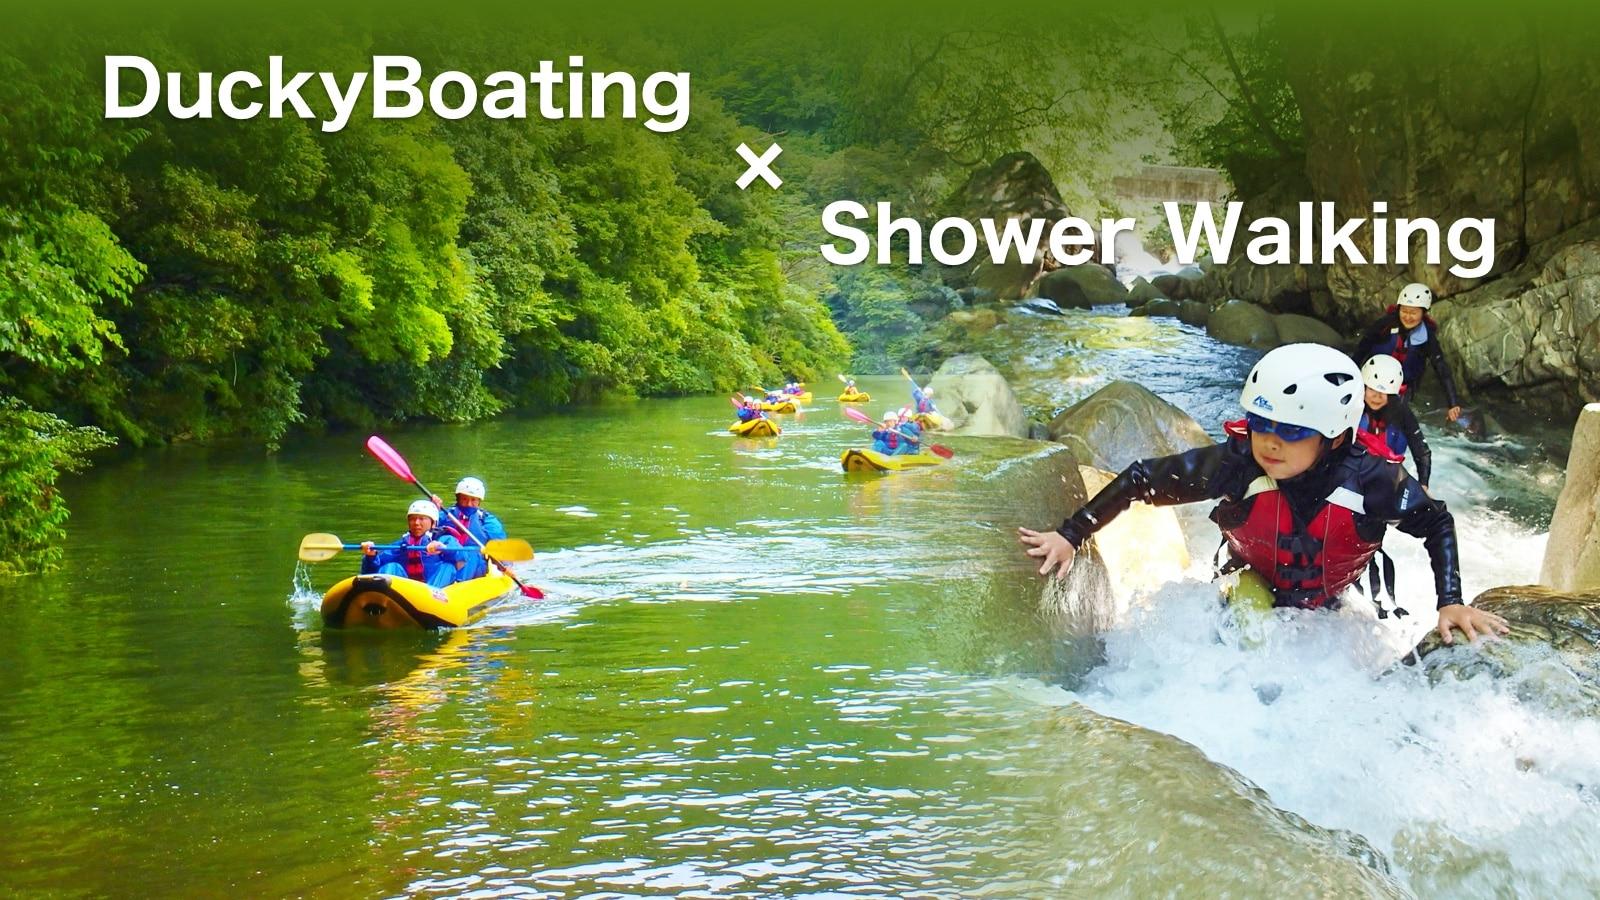 シャワーウォーキング&ダッキーボート